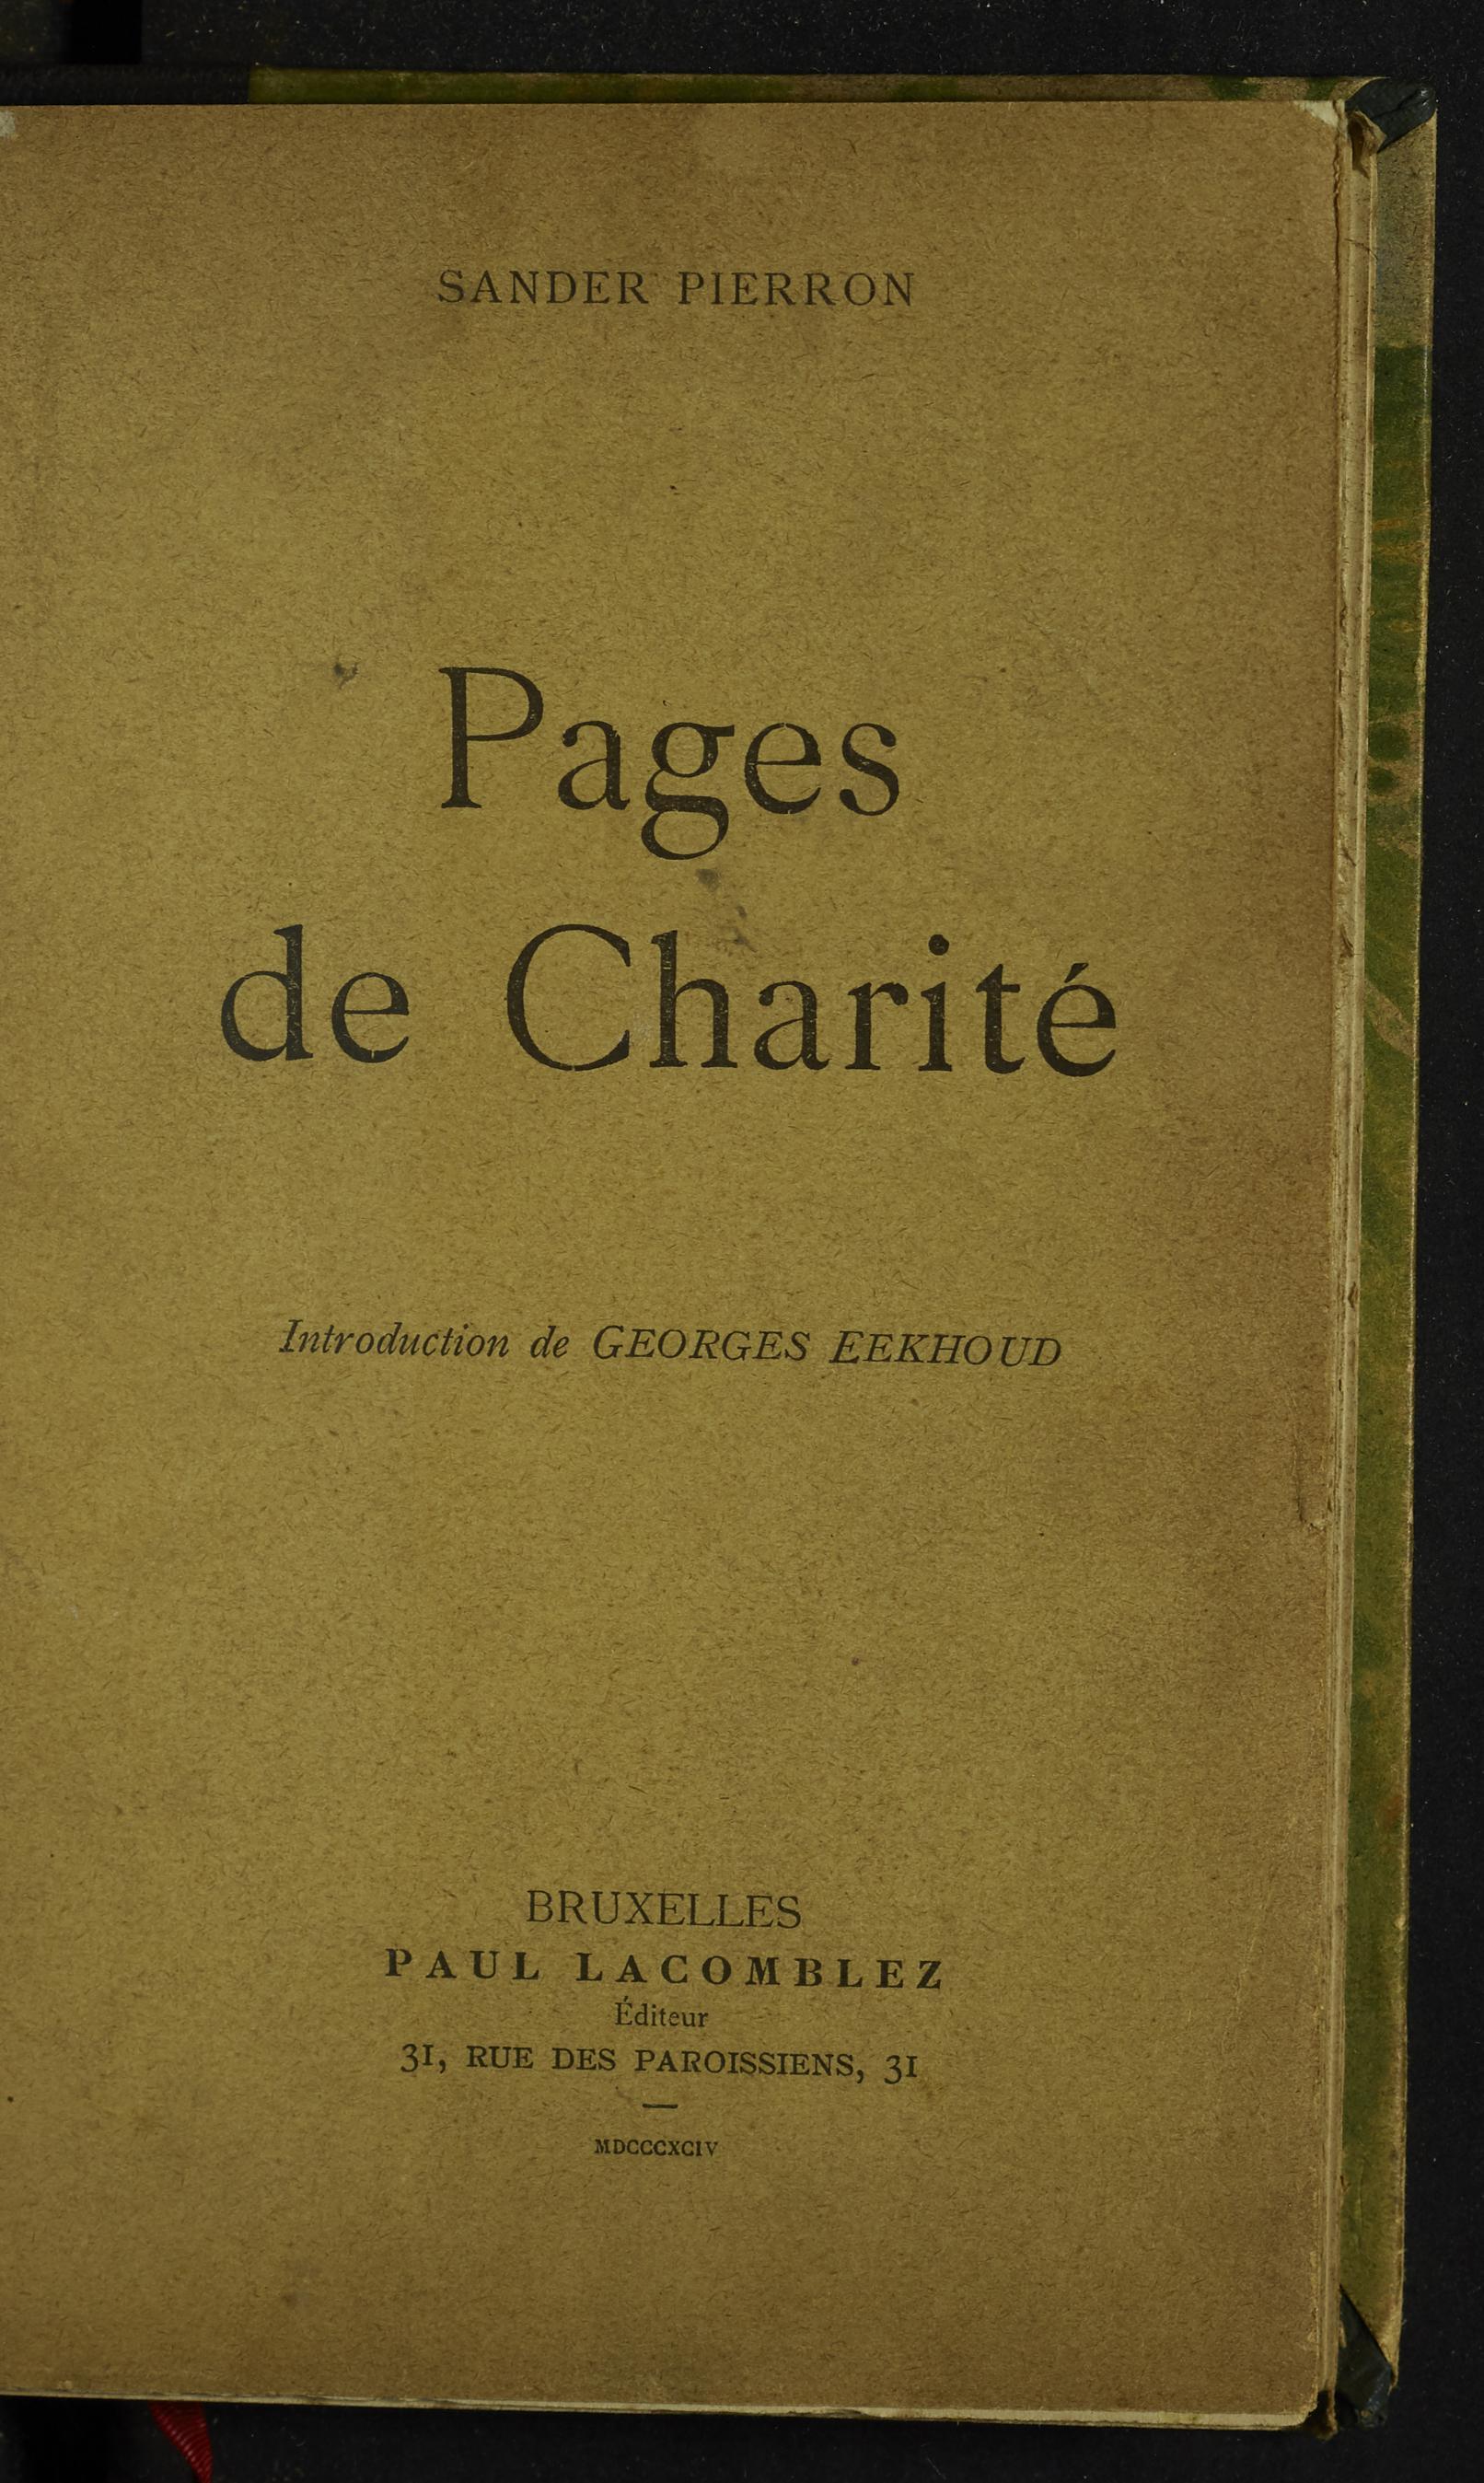 Pages de charité